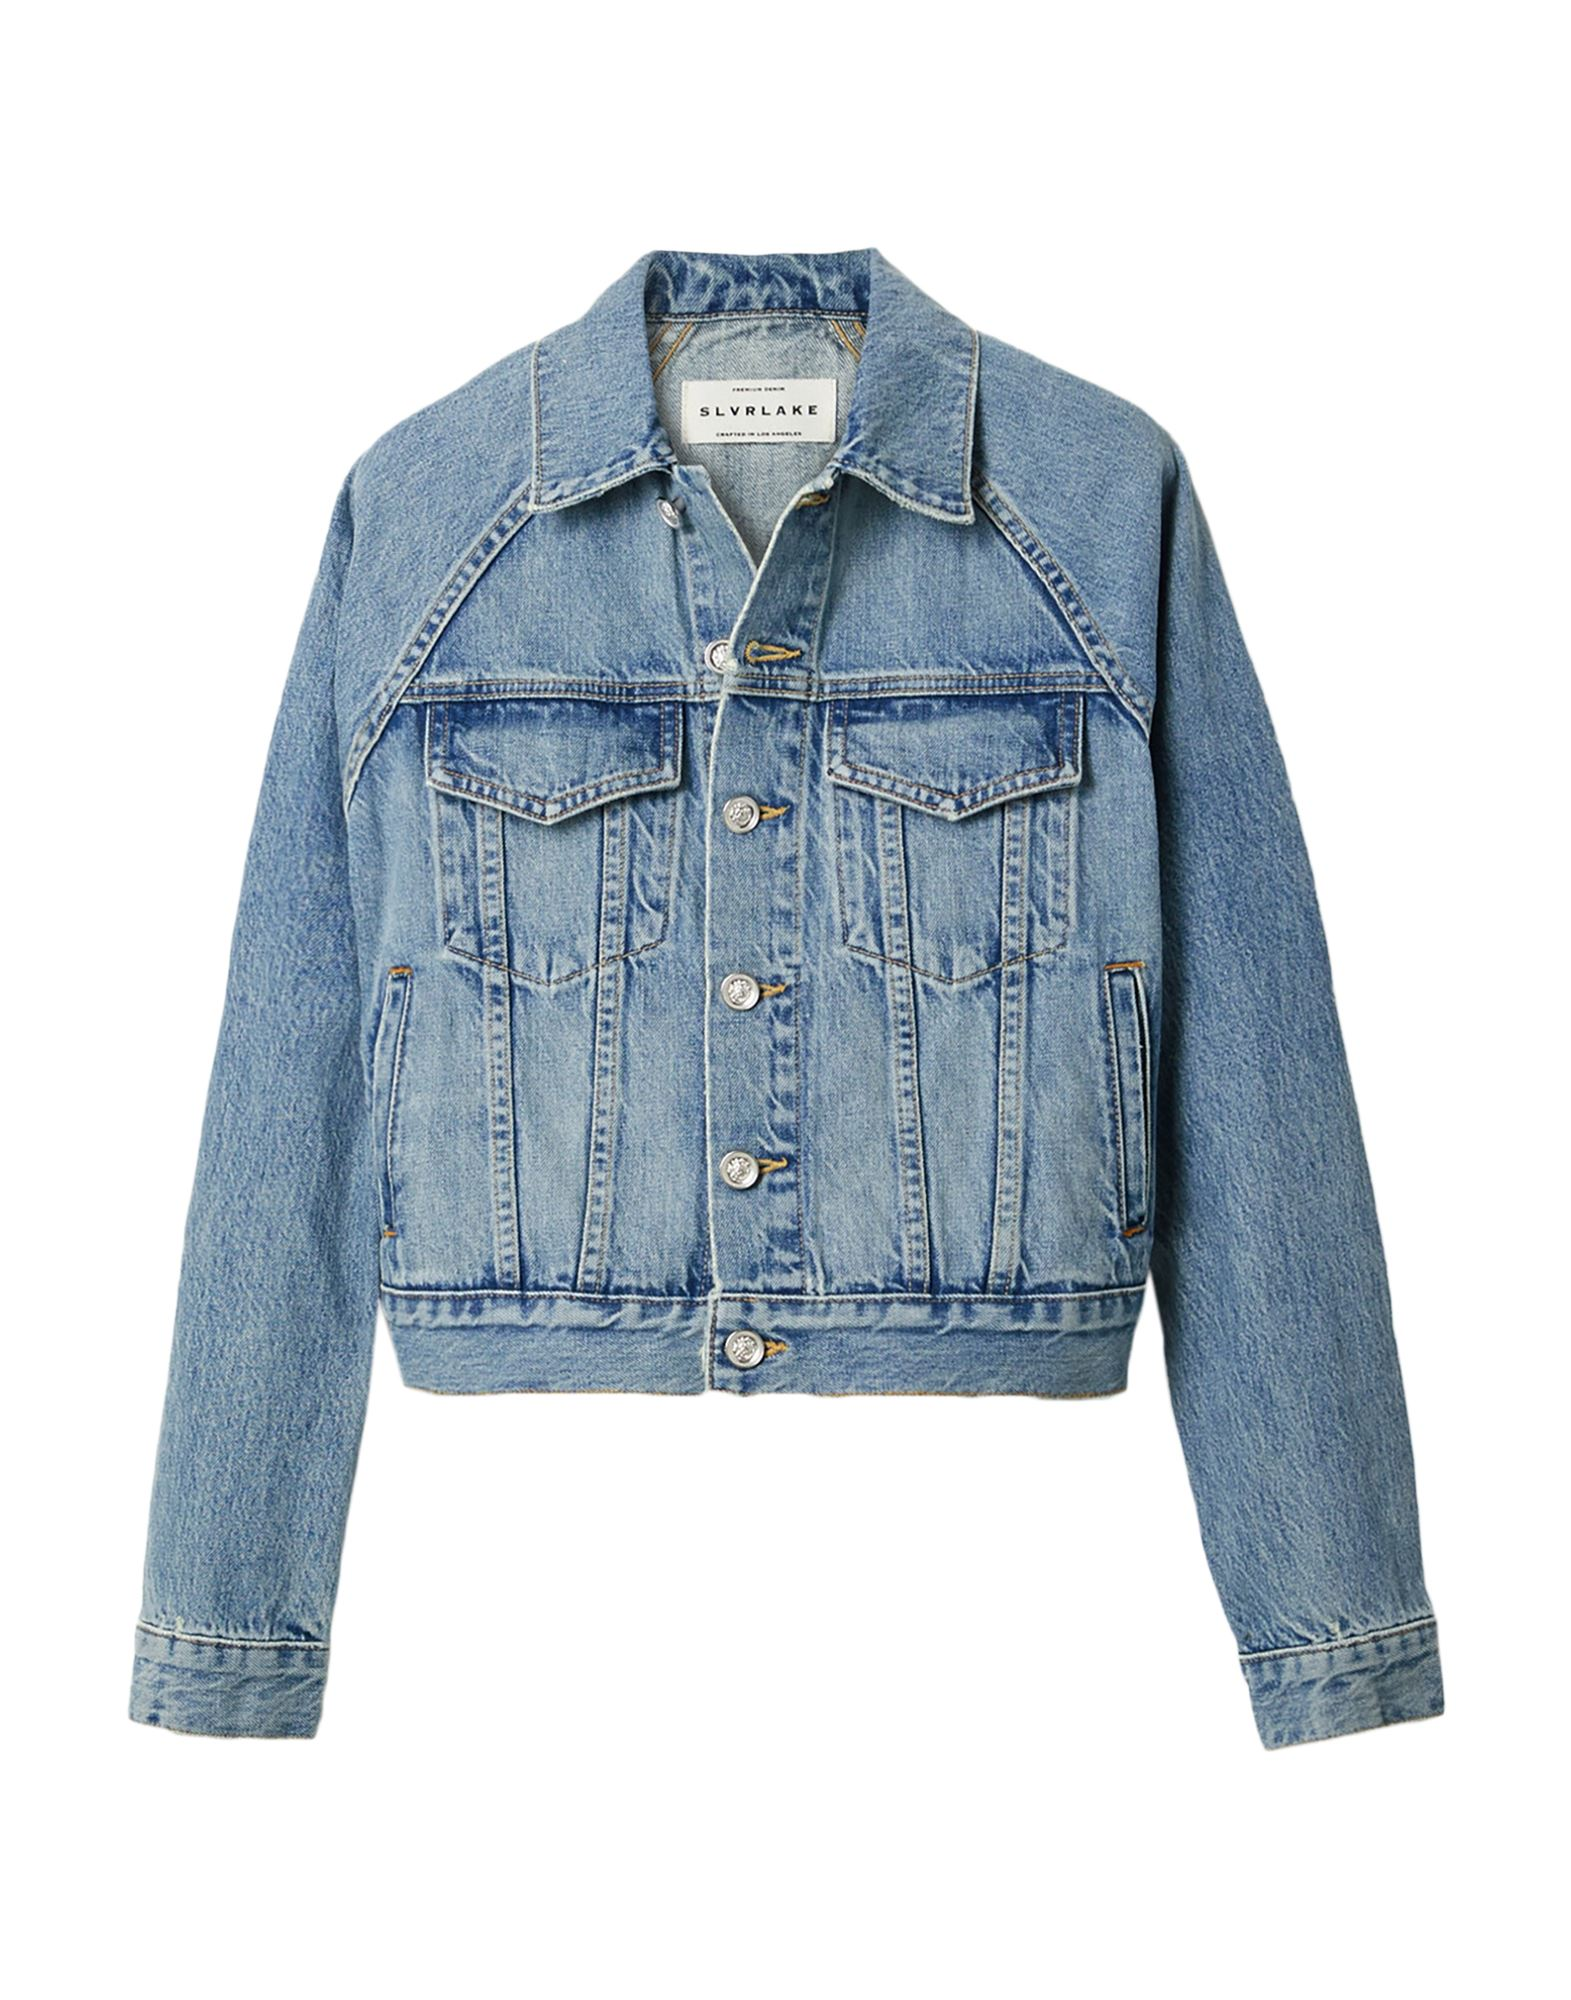 Фото - SLVRLAKE Джинсовая верхняя одежда goldsign джинсовая верхняя одежда